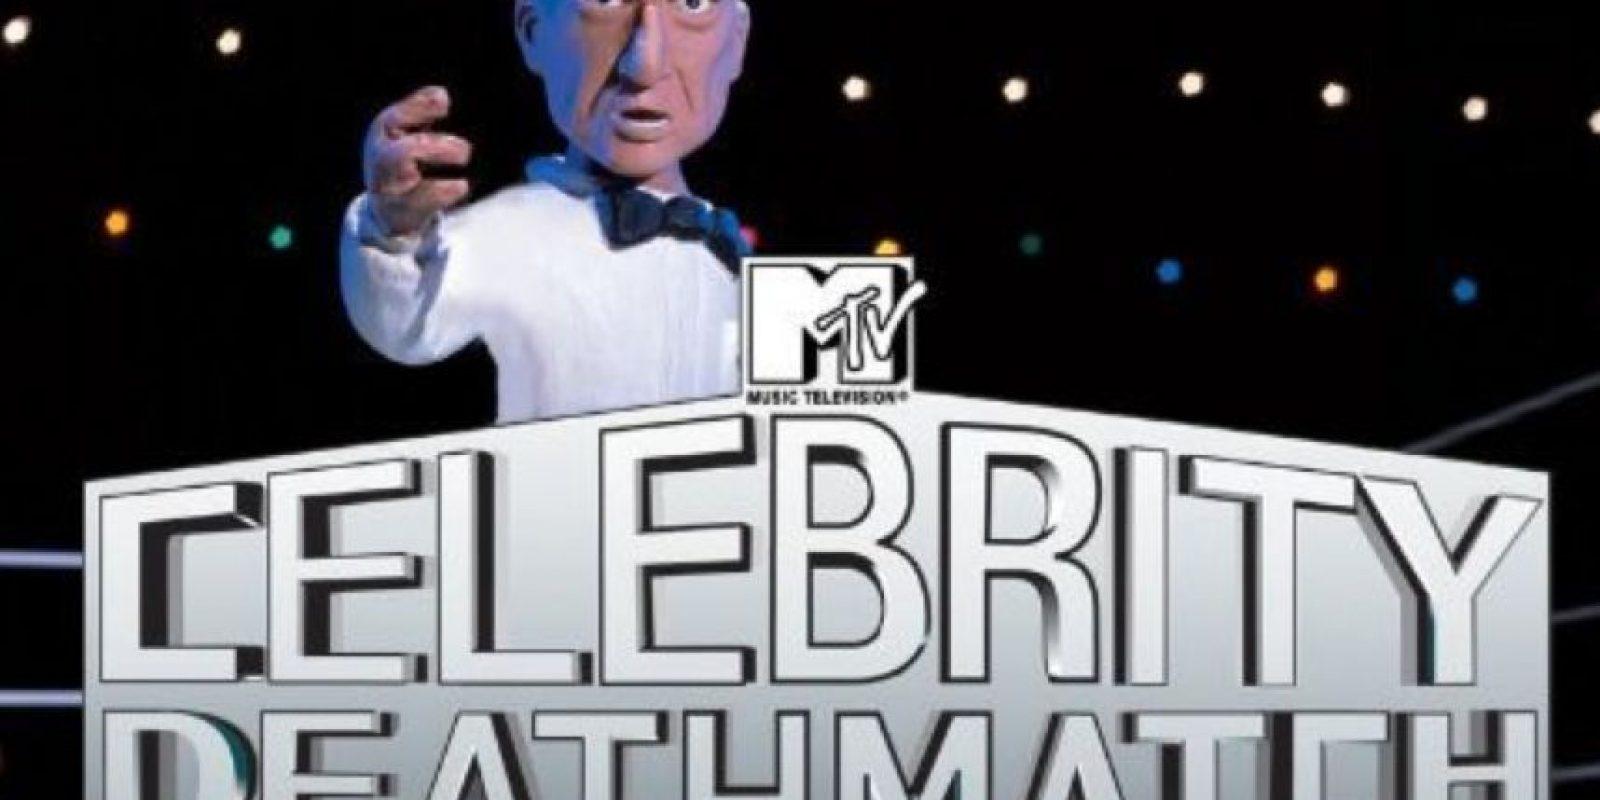 Muchos disfrutaron a finales de los años 90 con las peleas entre las celebridades que terminaban en sangrientos desenlaces. Foto:MTV